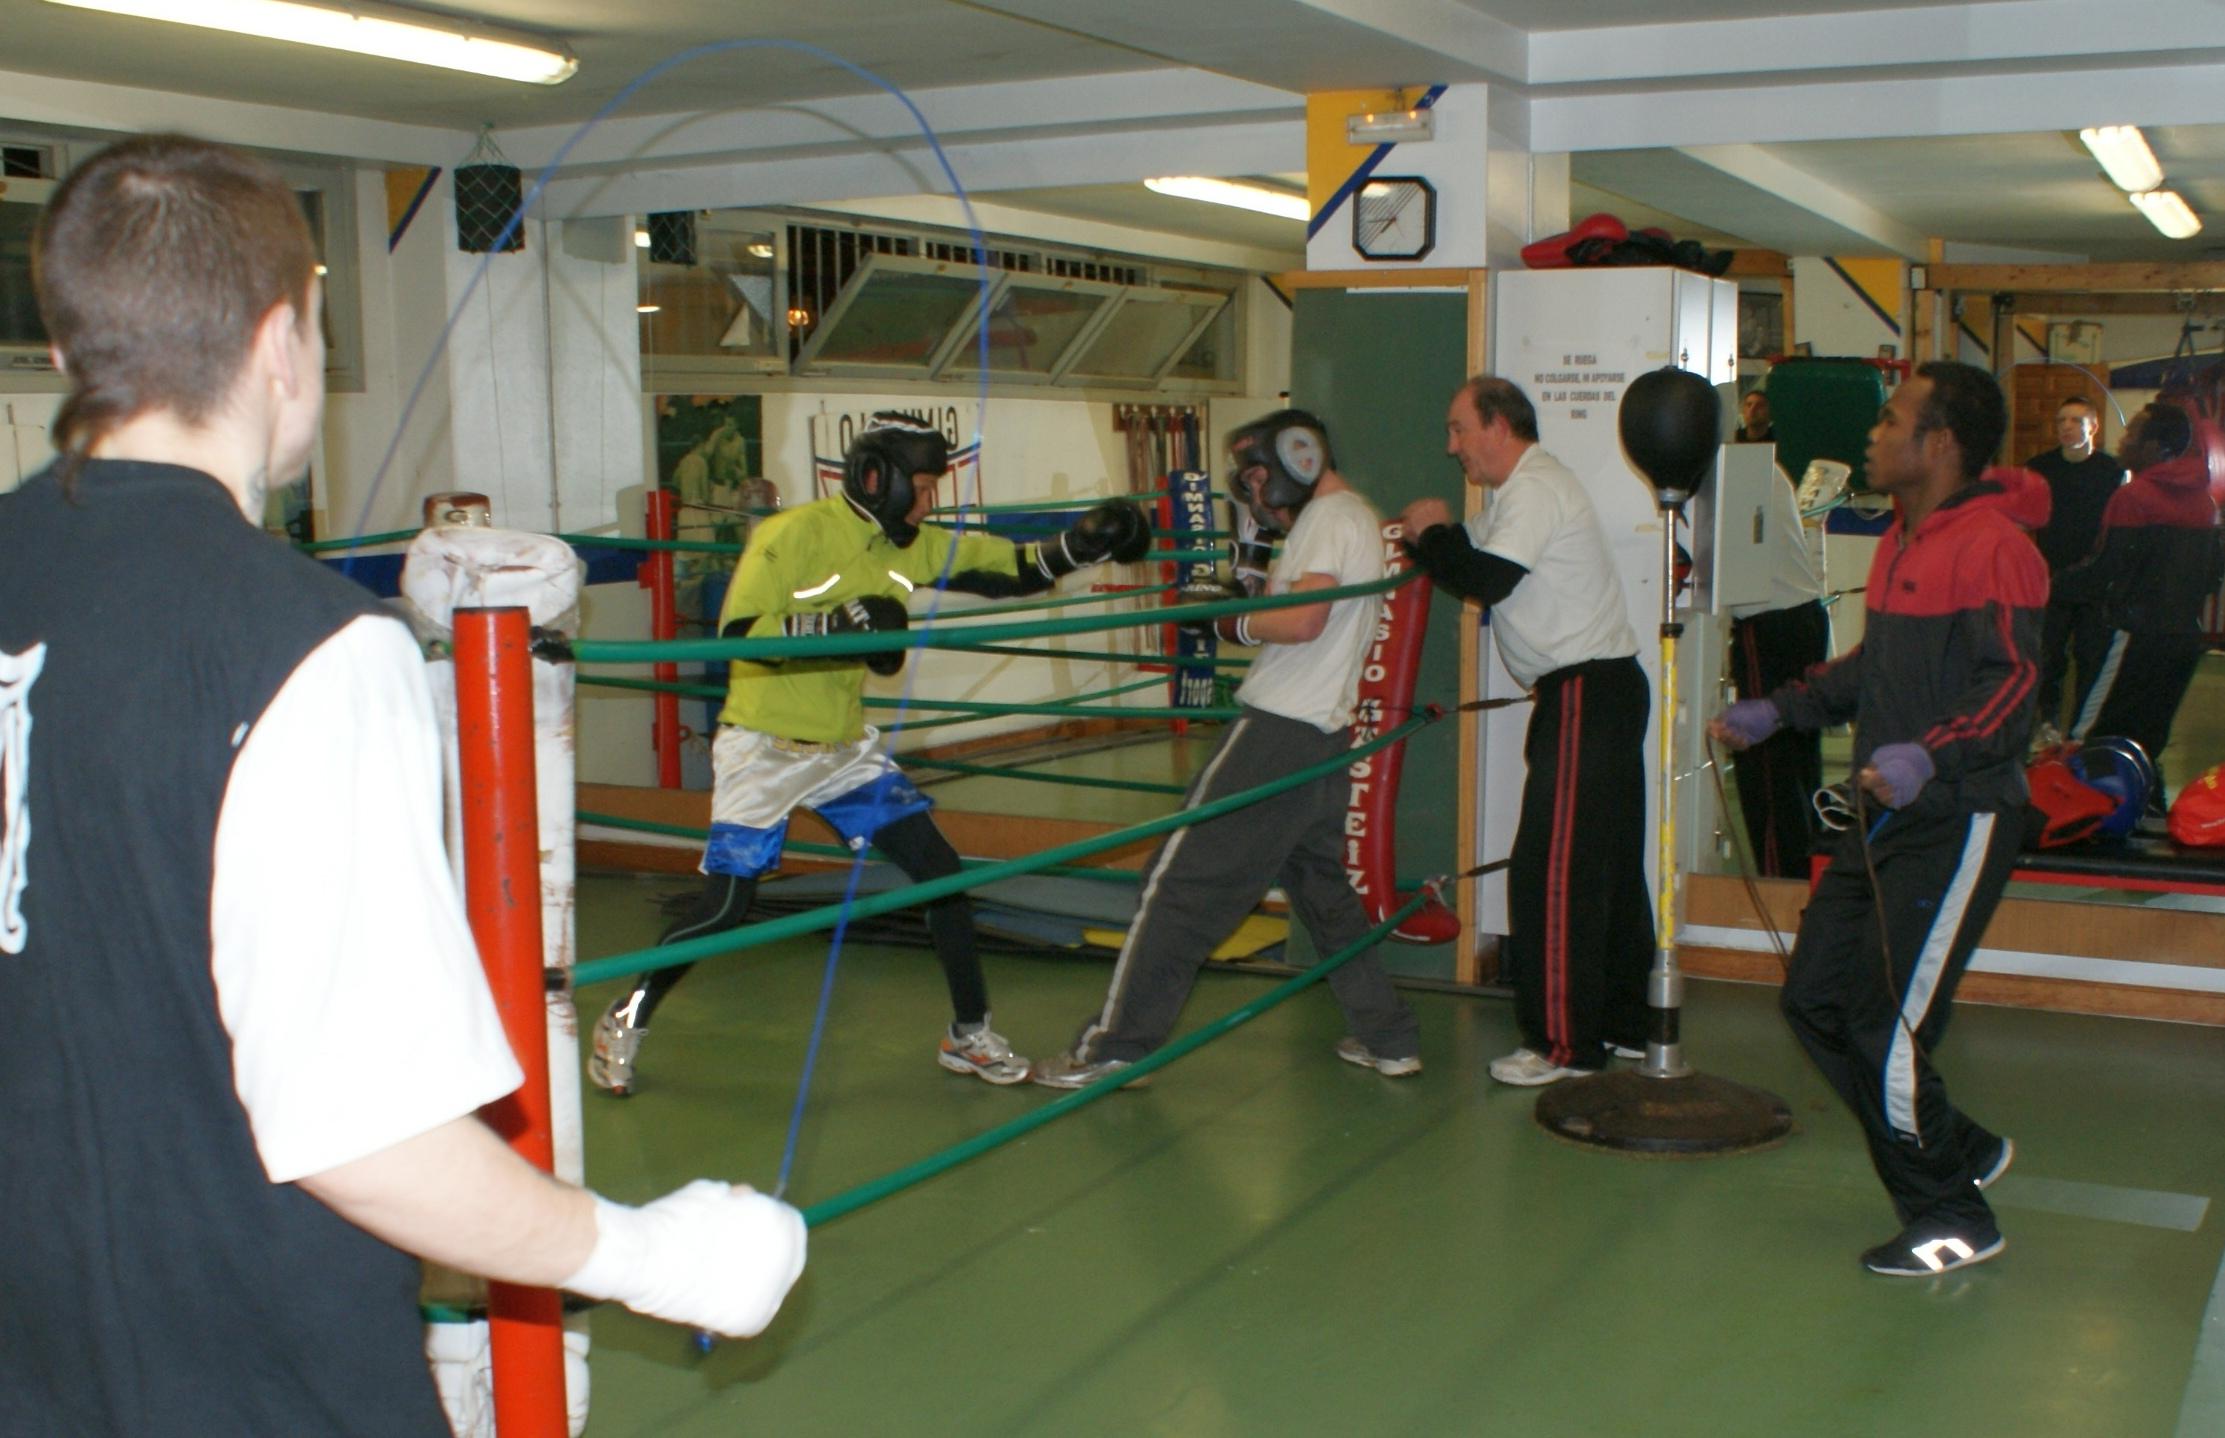 Boxeo, Vitoria: boxeadores entrenan en Gasteiz Sport